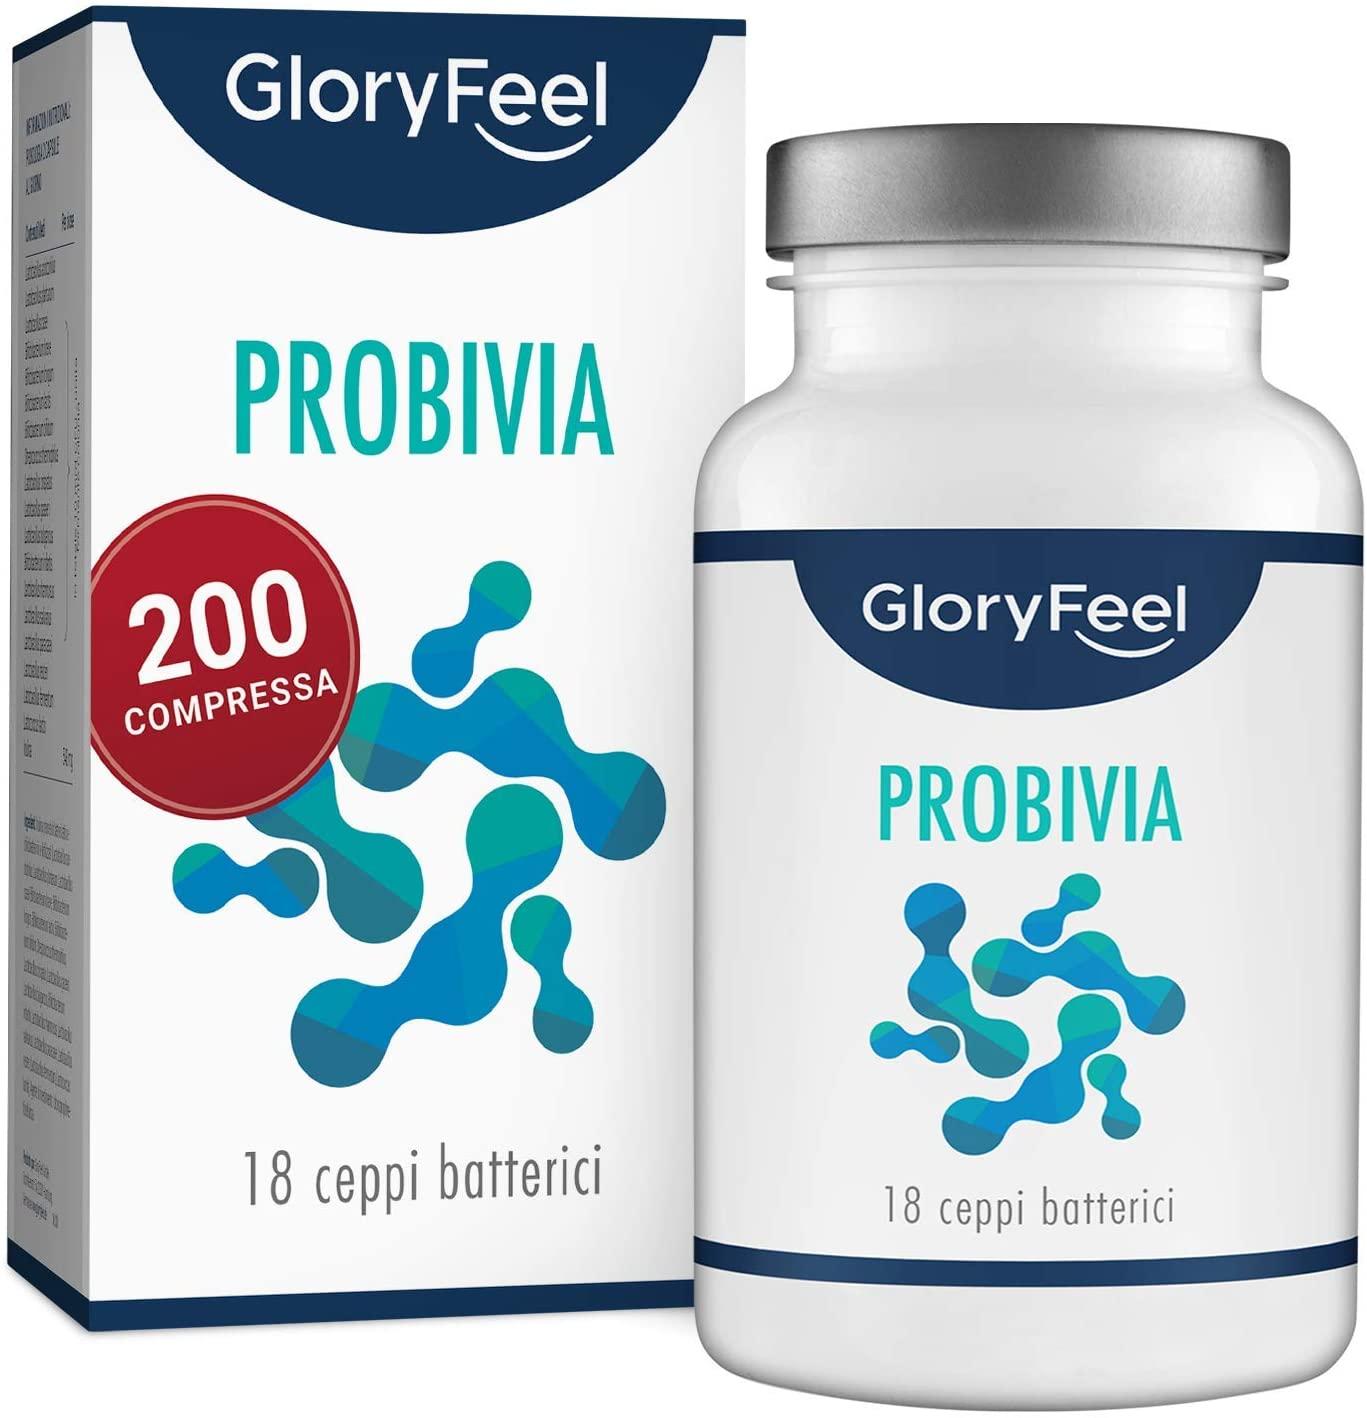 GloryFeel-probiotici-probivia